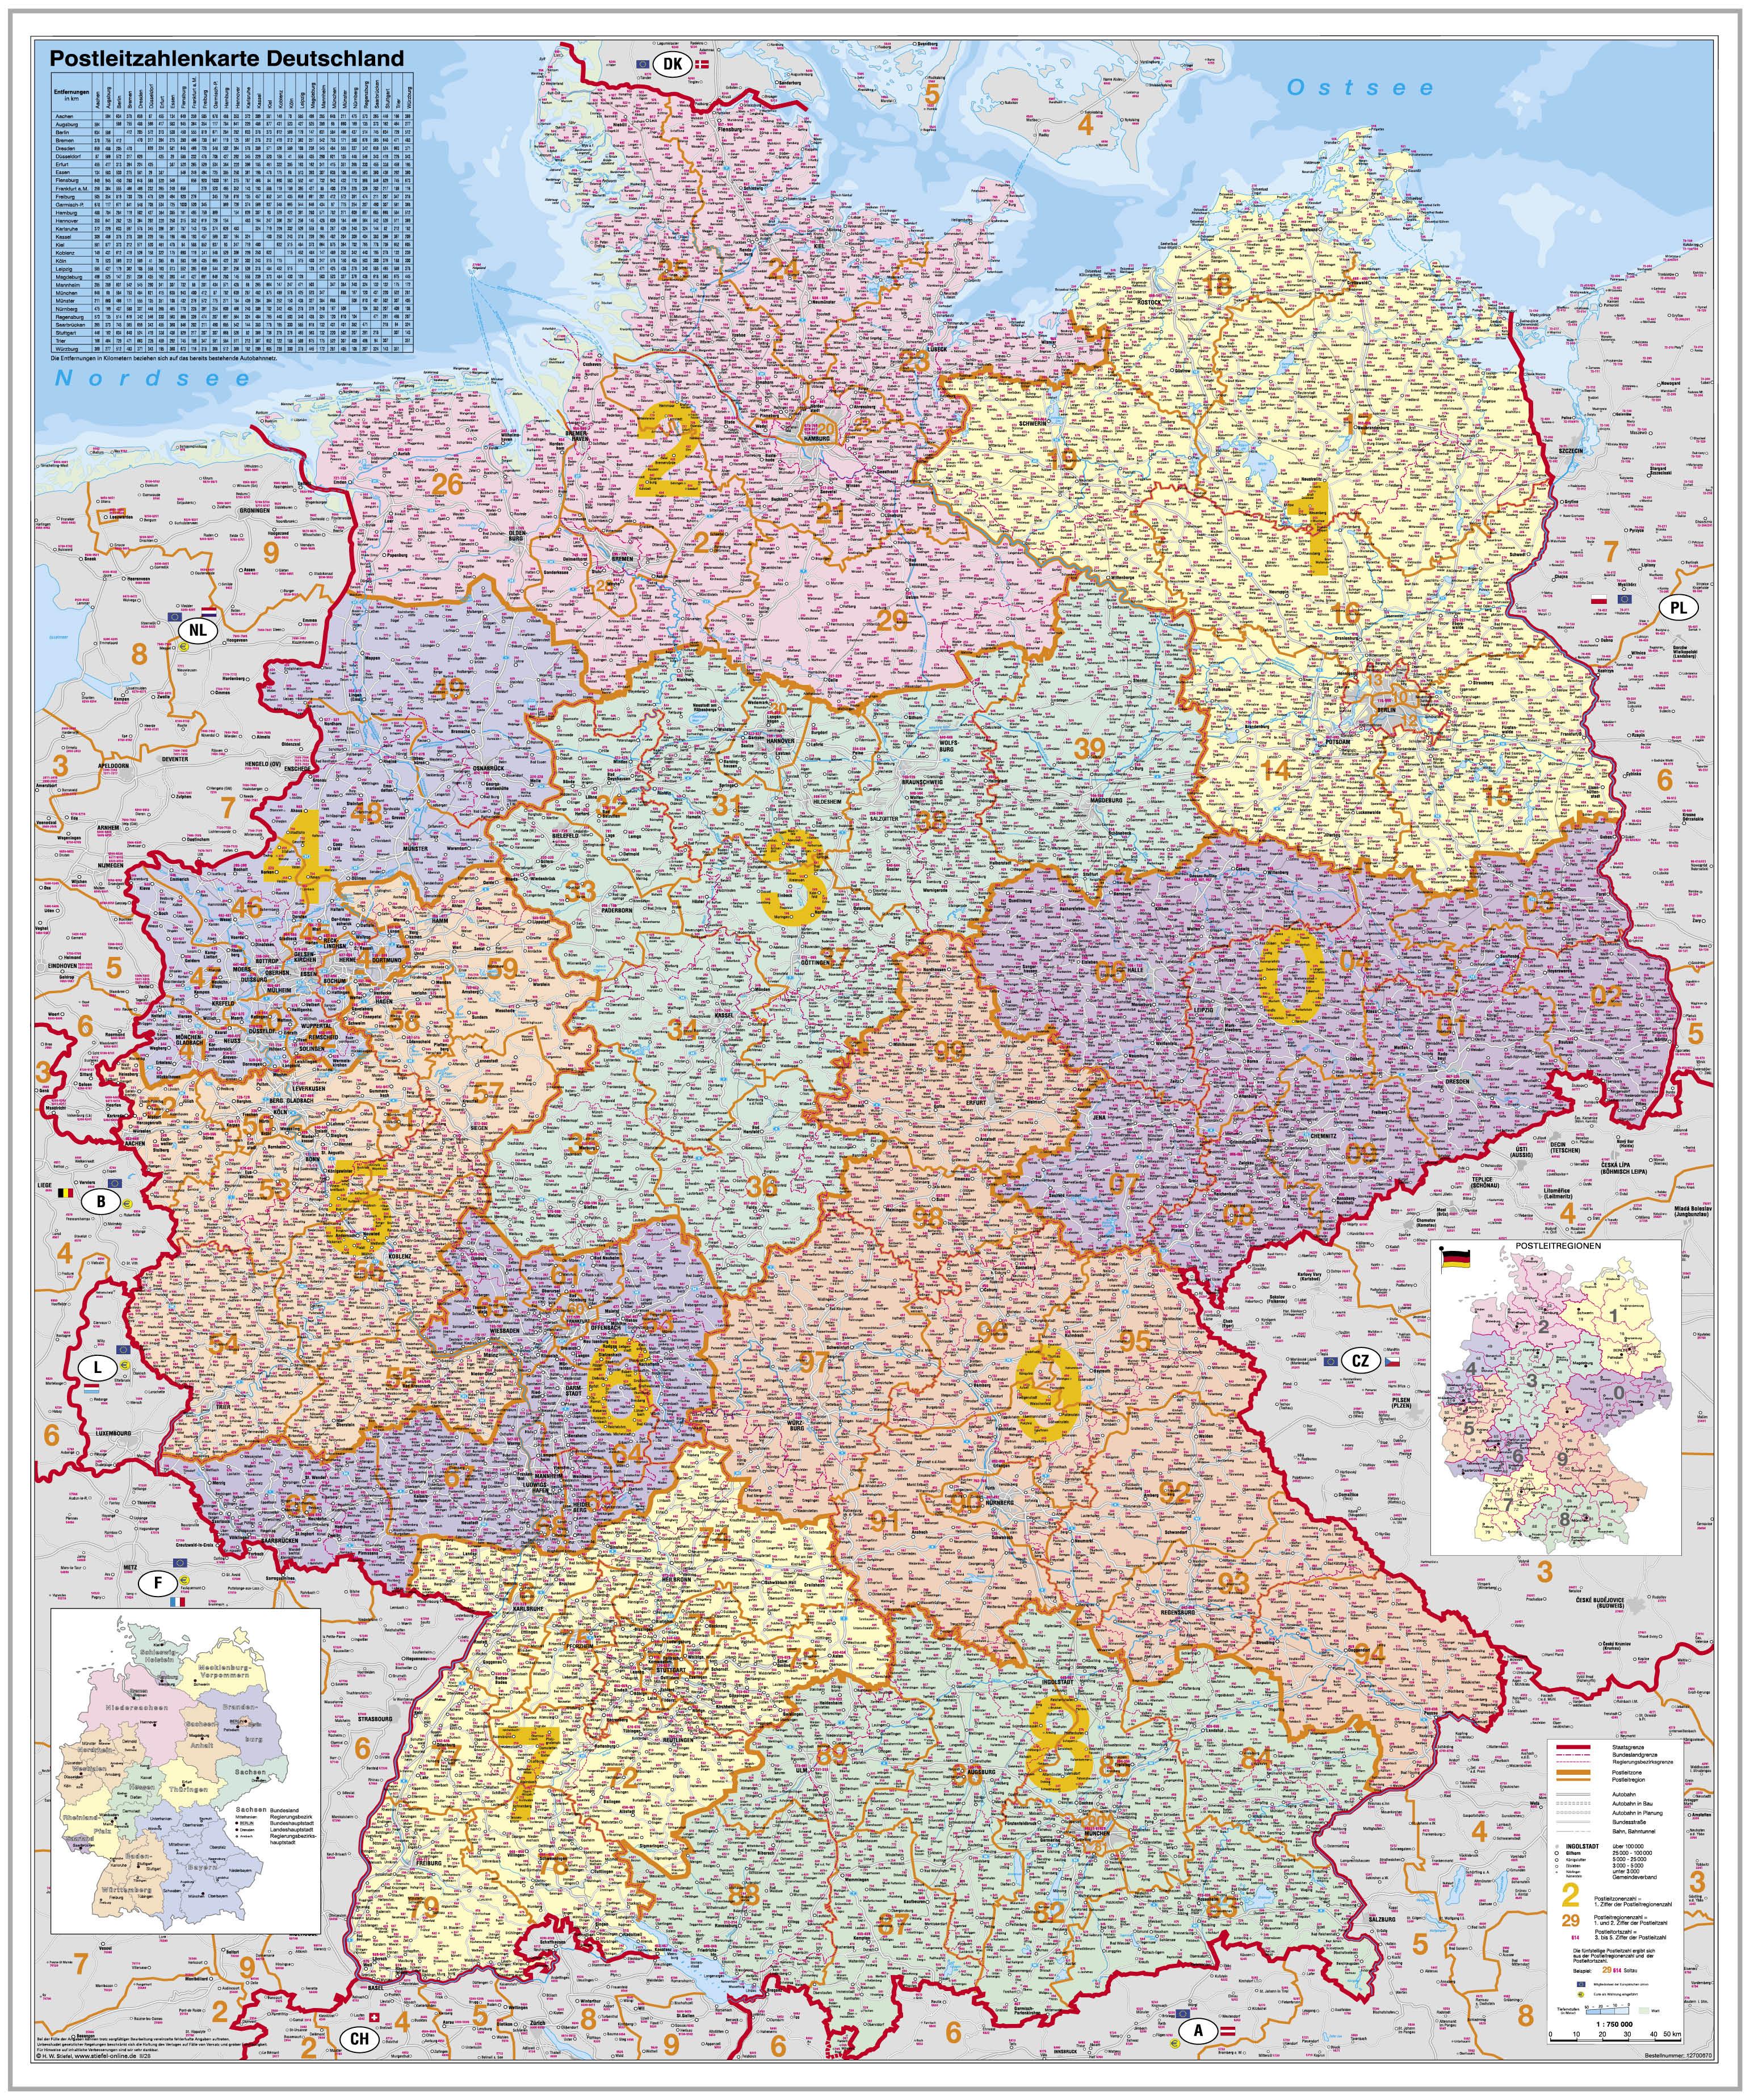 karte deutschland online Postleitzahlenkarte Deutschland   Stiefel